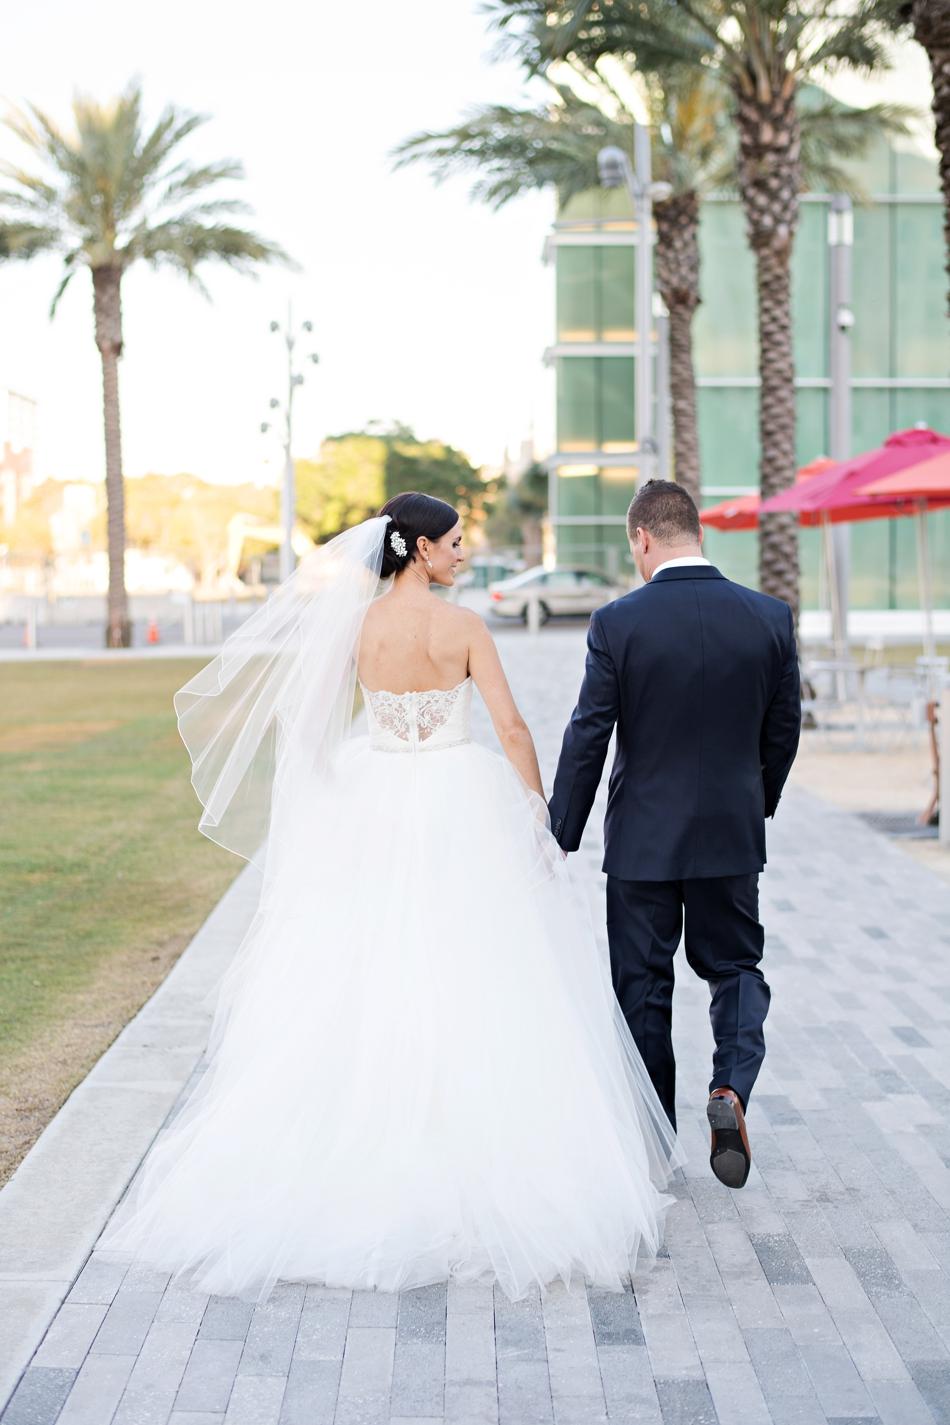 DPAC wedding orlando